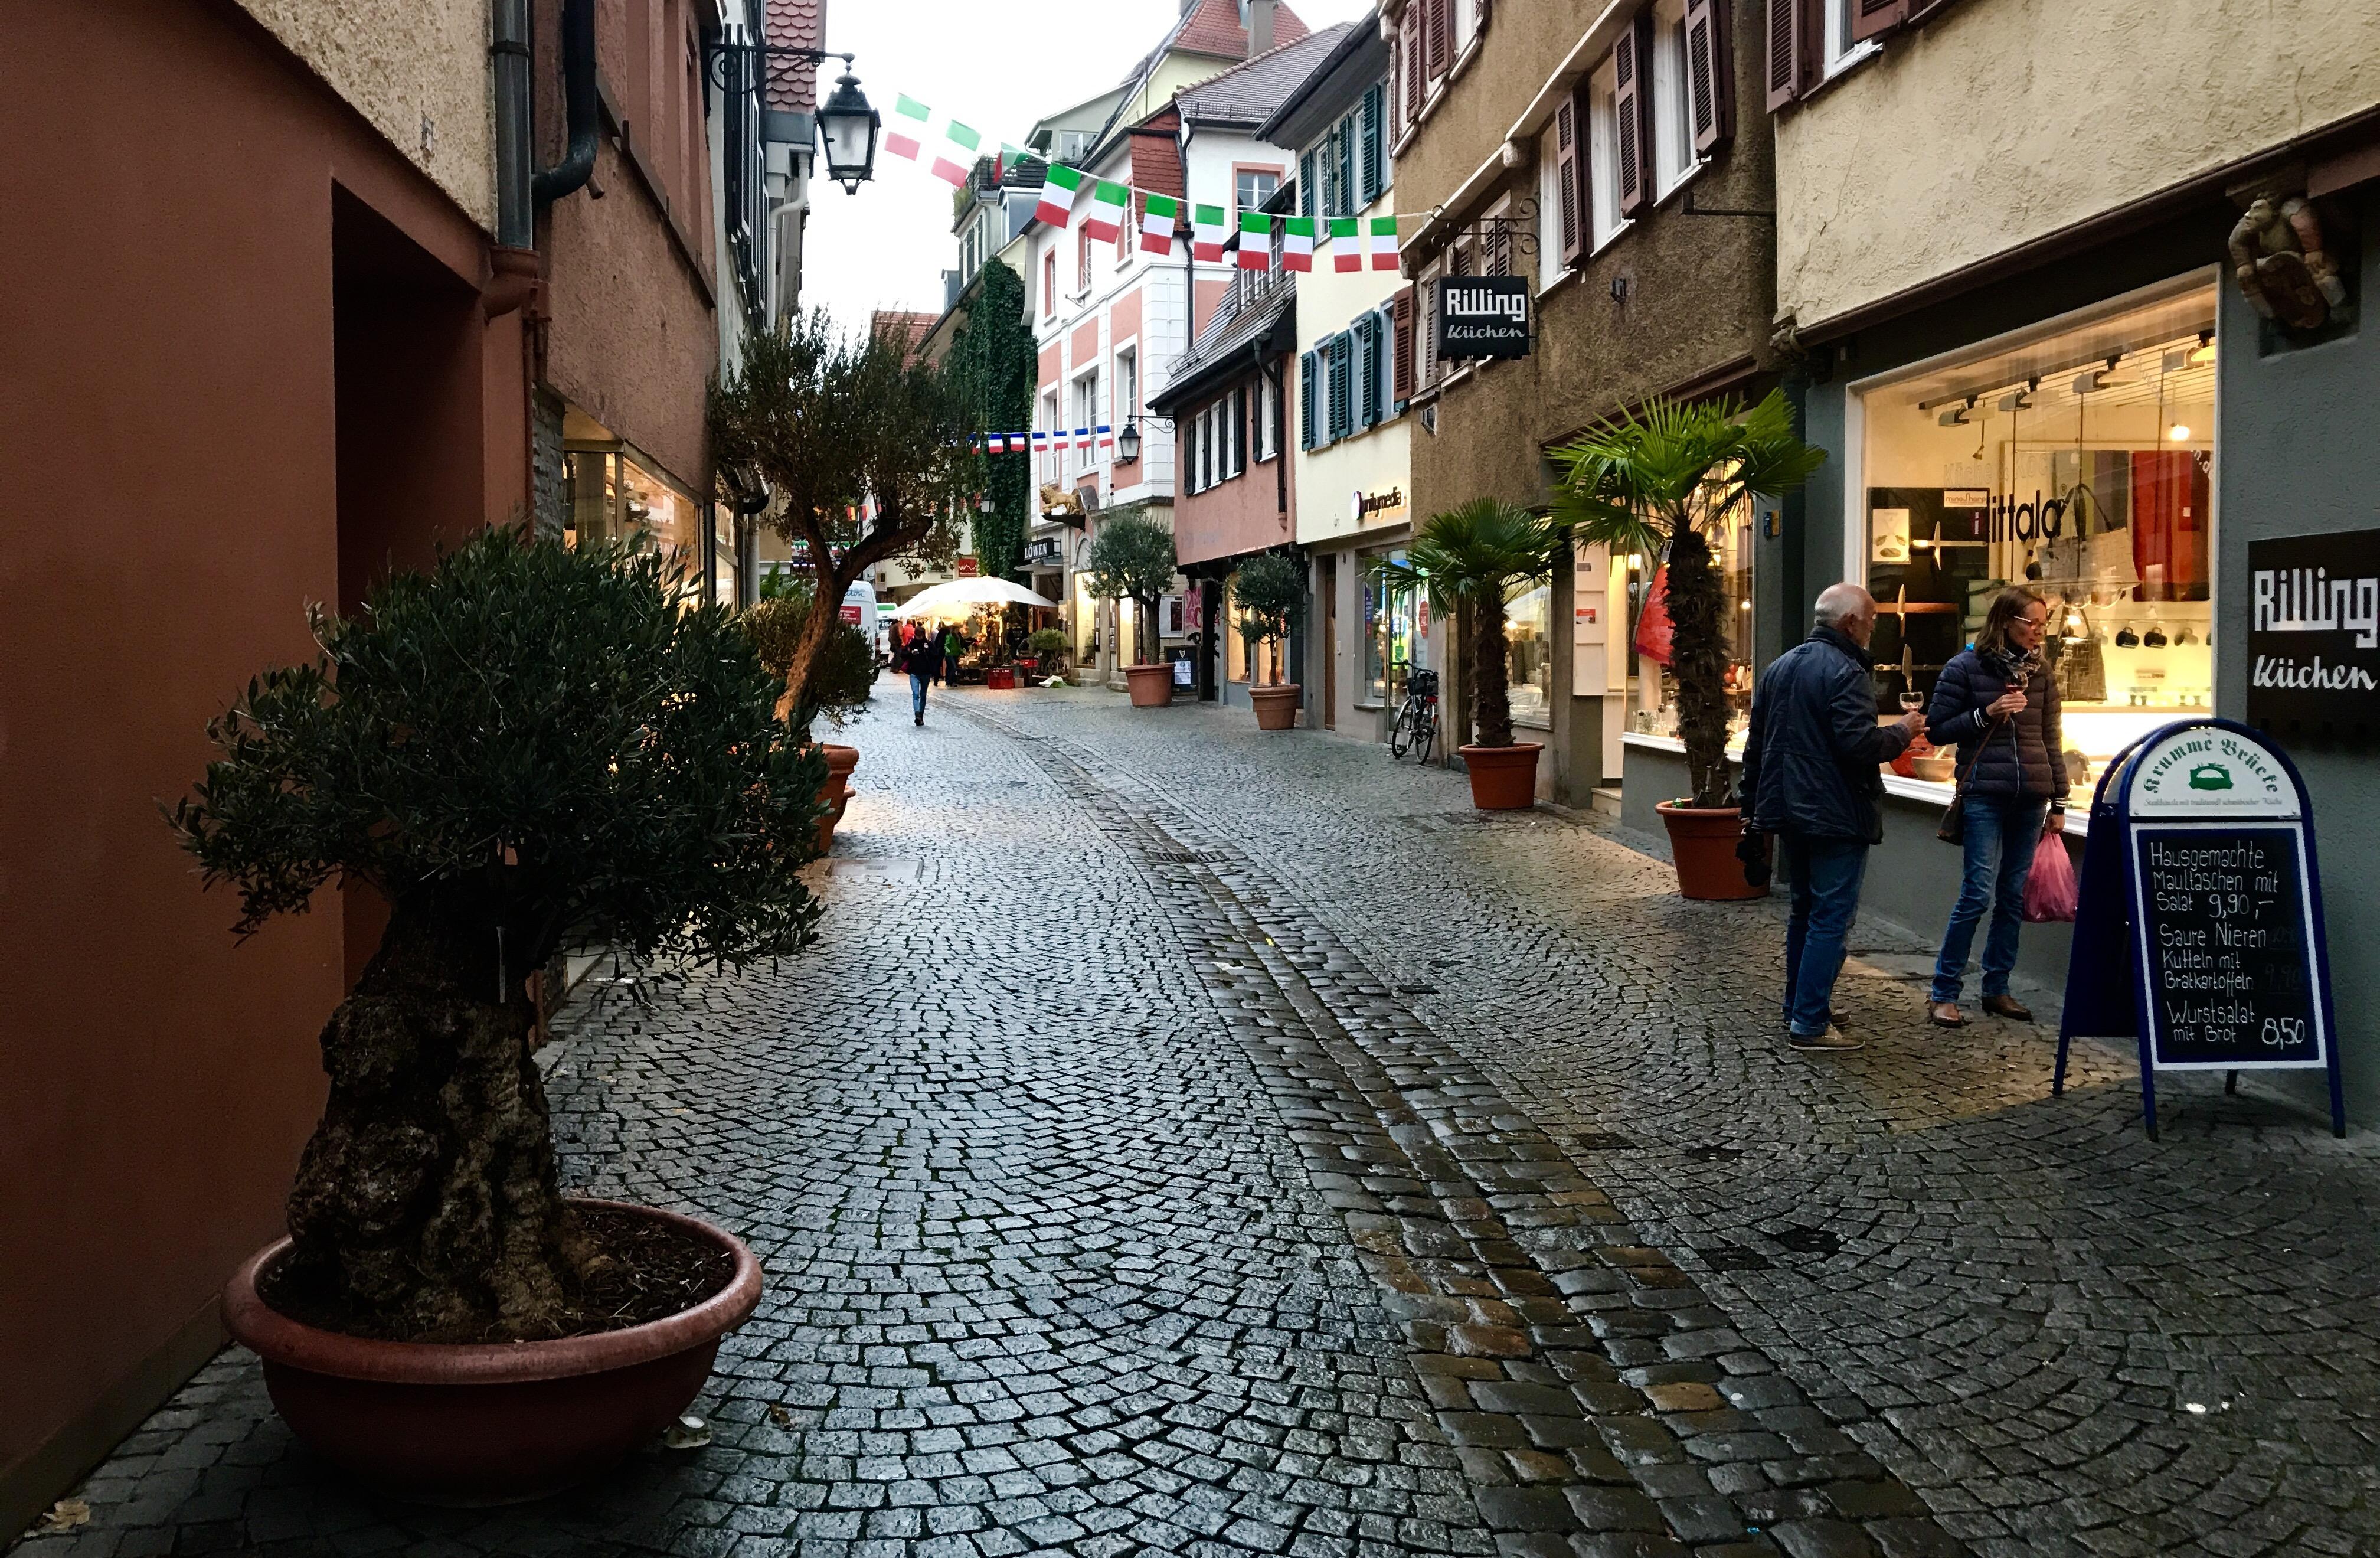 Bild von einer Gasse in Tübingen während dem umbrisch-provenzalischen Markt